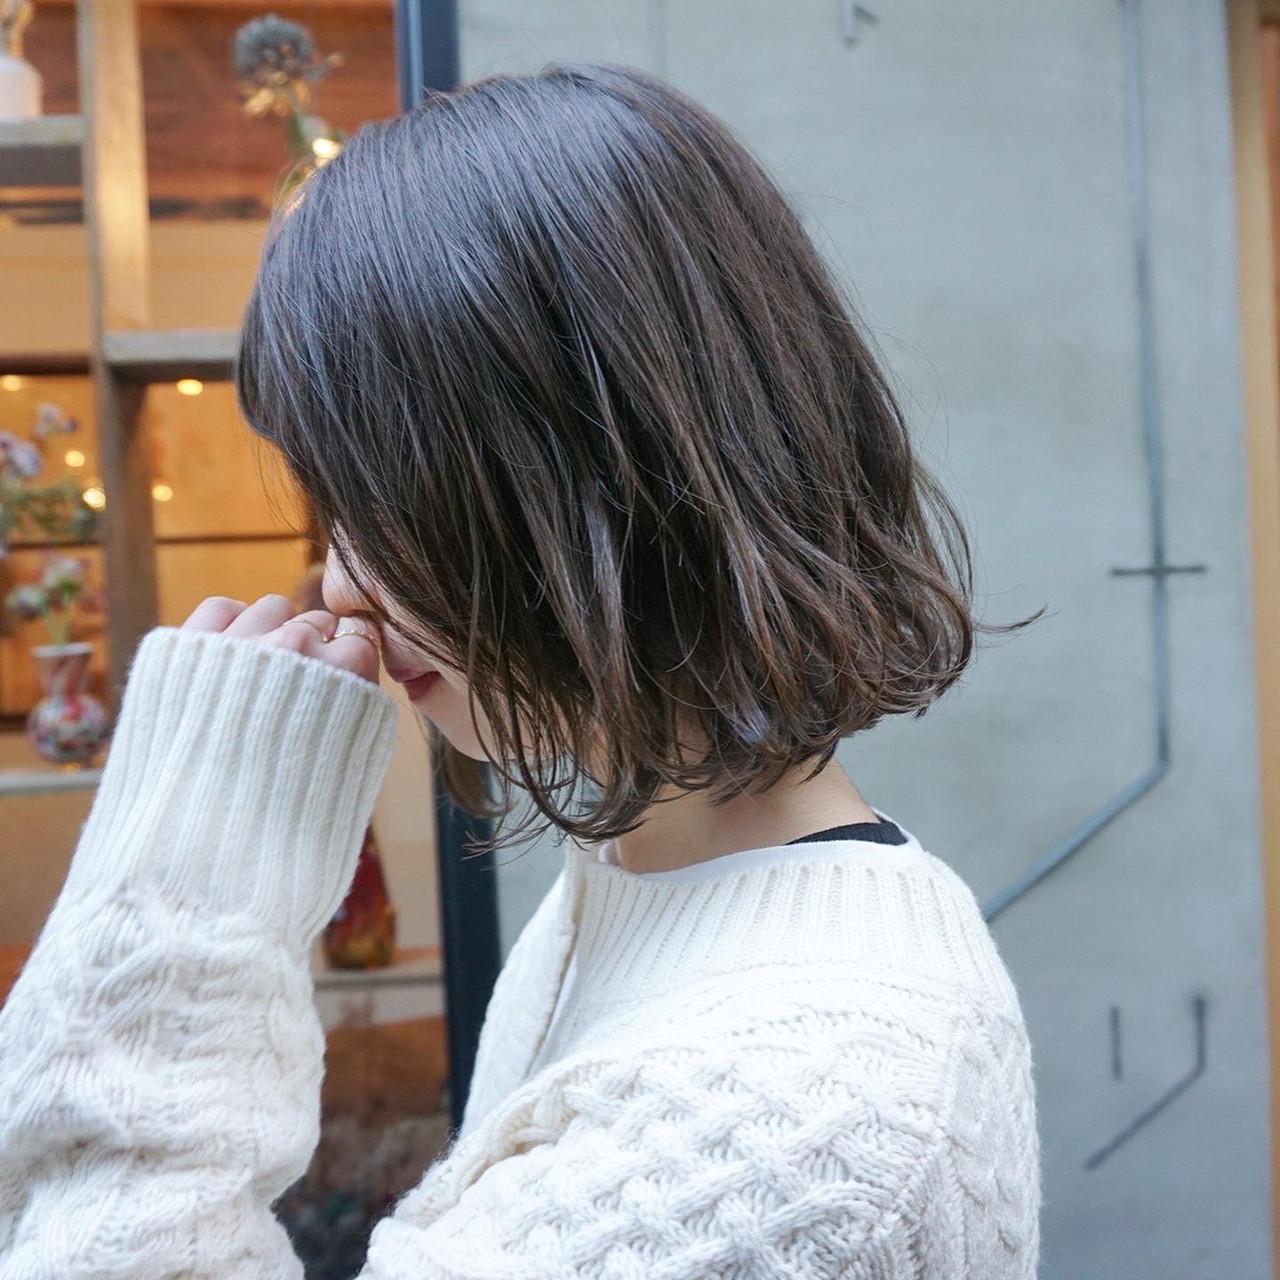 くすみカラー 暗髪 ナチュラル アンニュイほつれヘアヘアスタイルや髪型の写真・画像